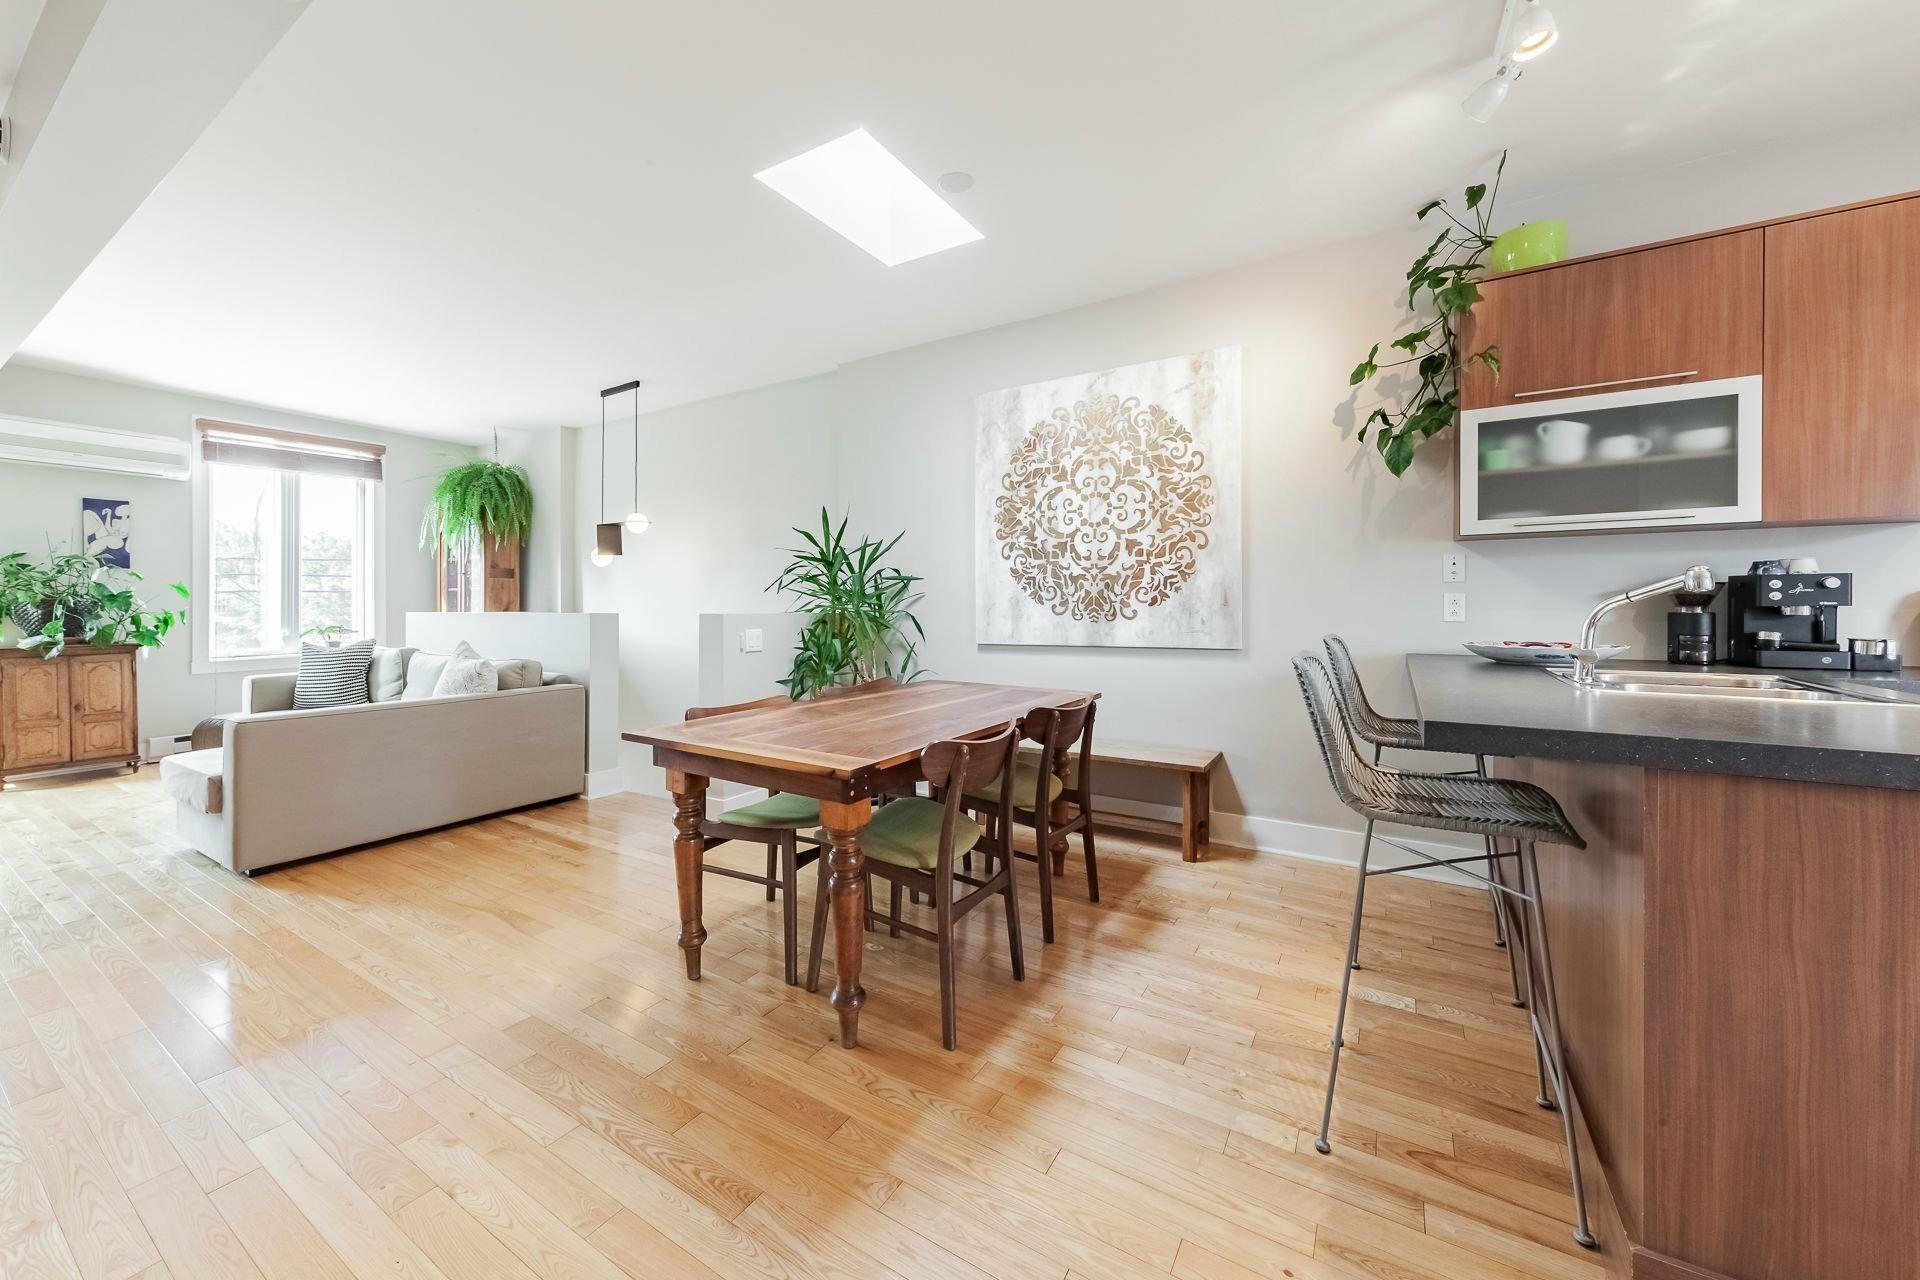 image 3 - Appartement À vendre Rosemont/La Petite-Patrie Montréal  - 7 pièces